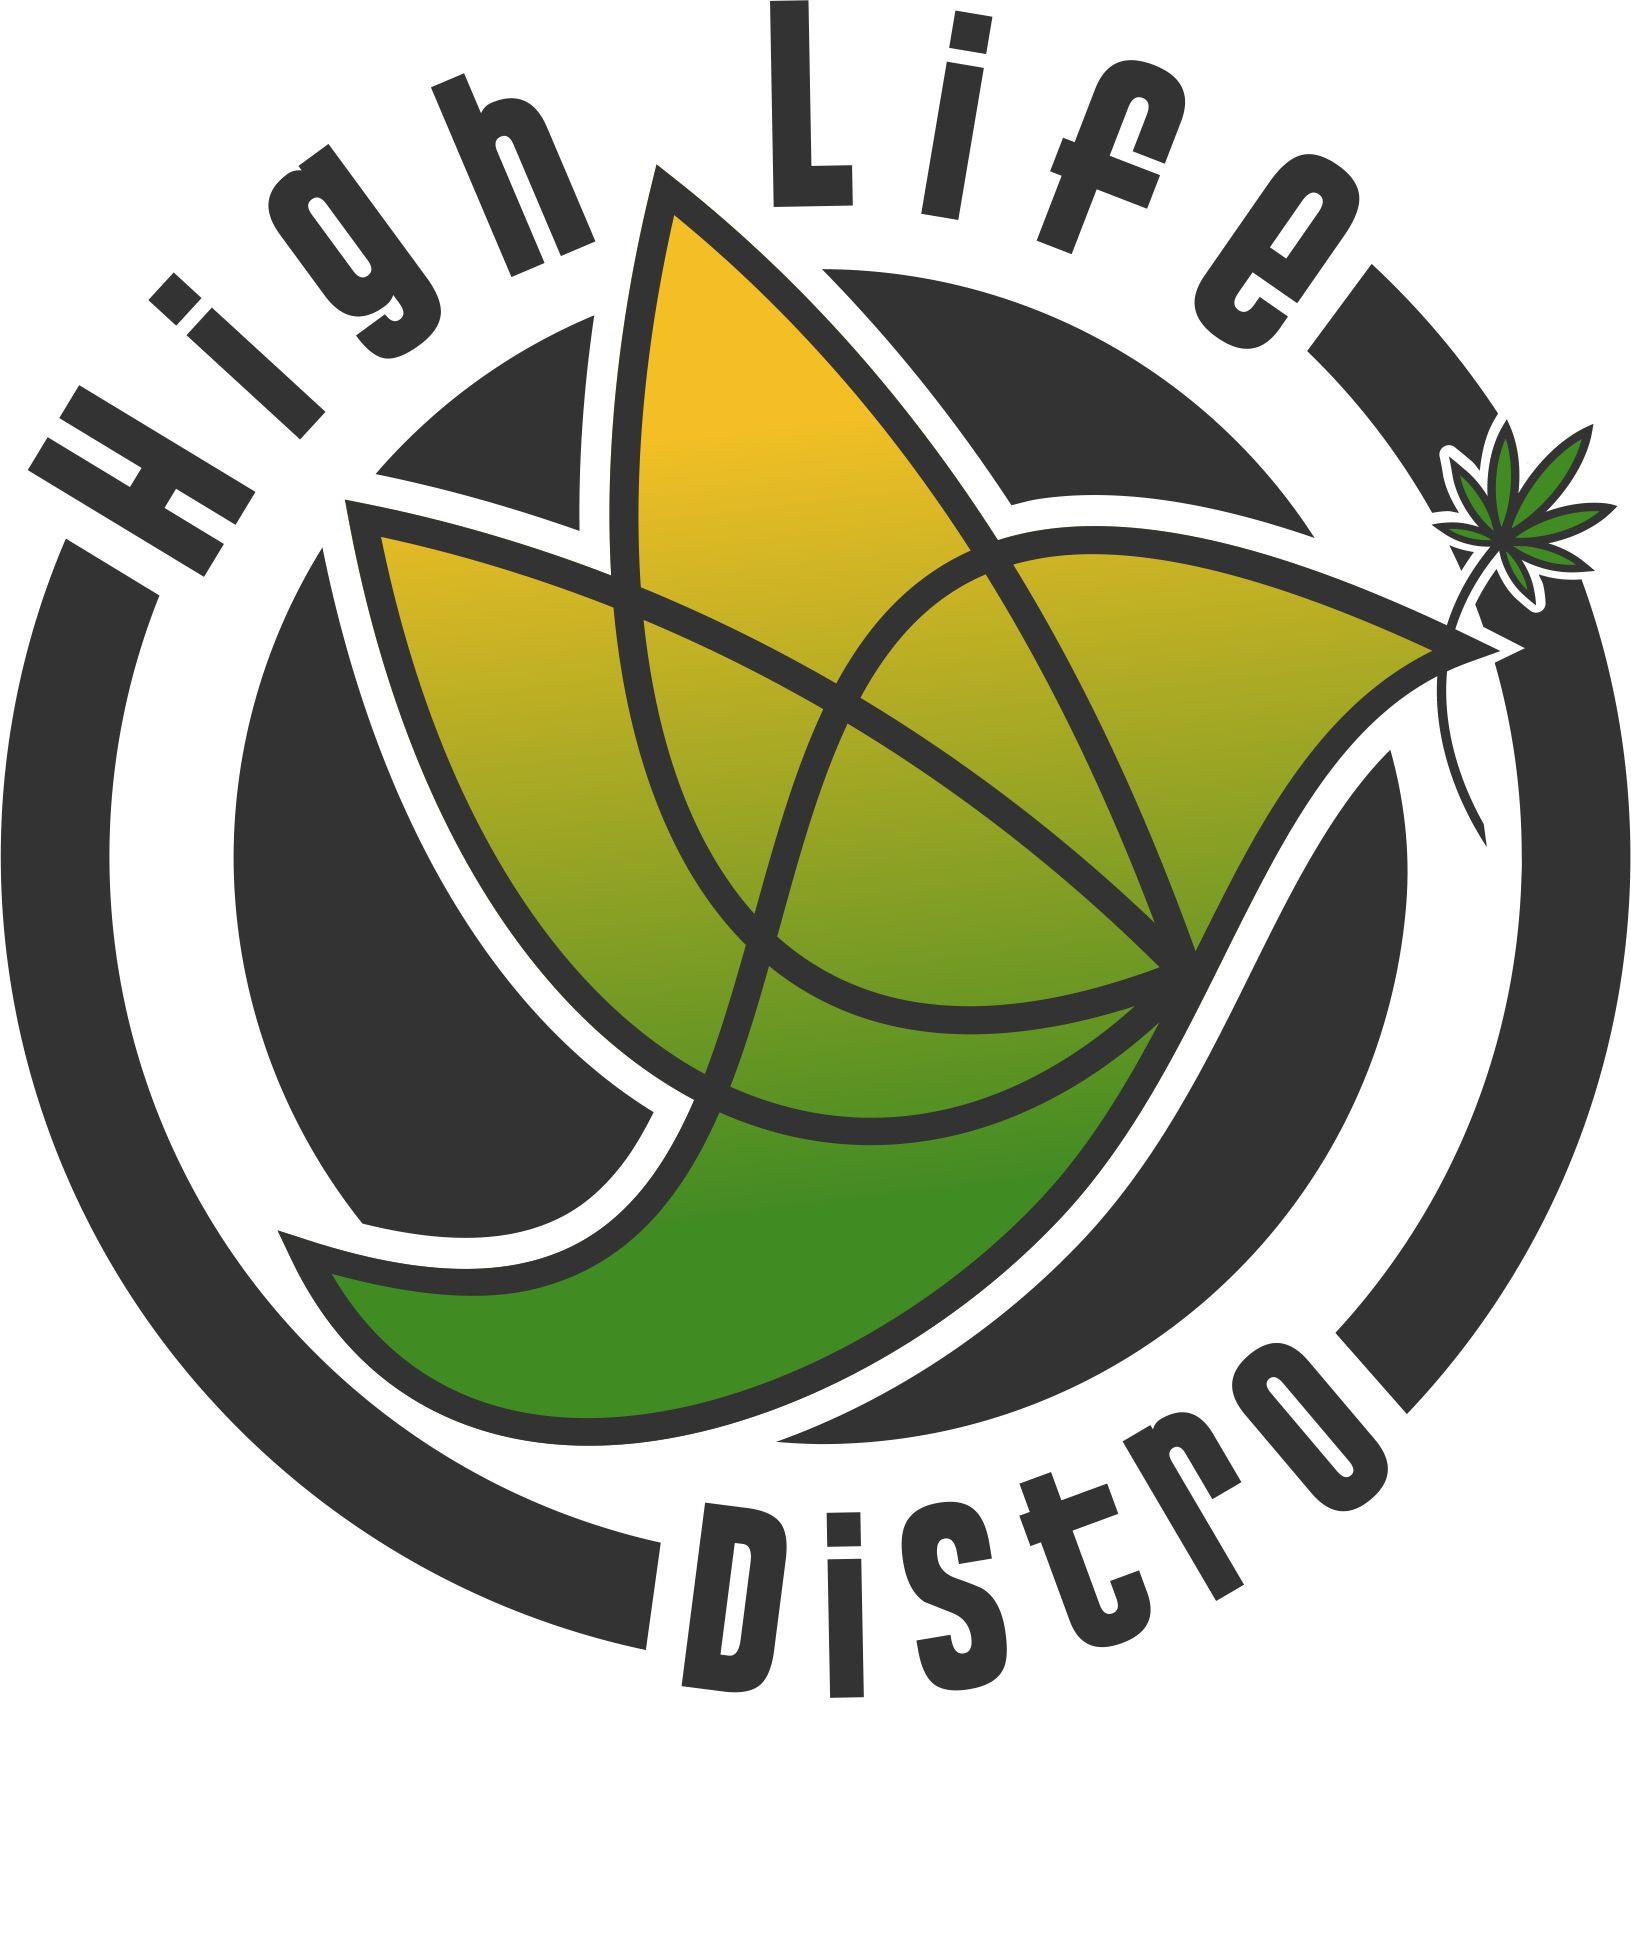 Marijuana Distribution Company Logo